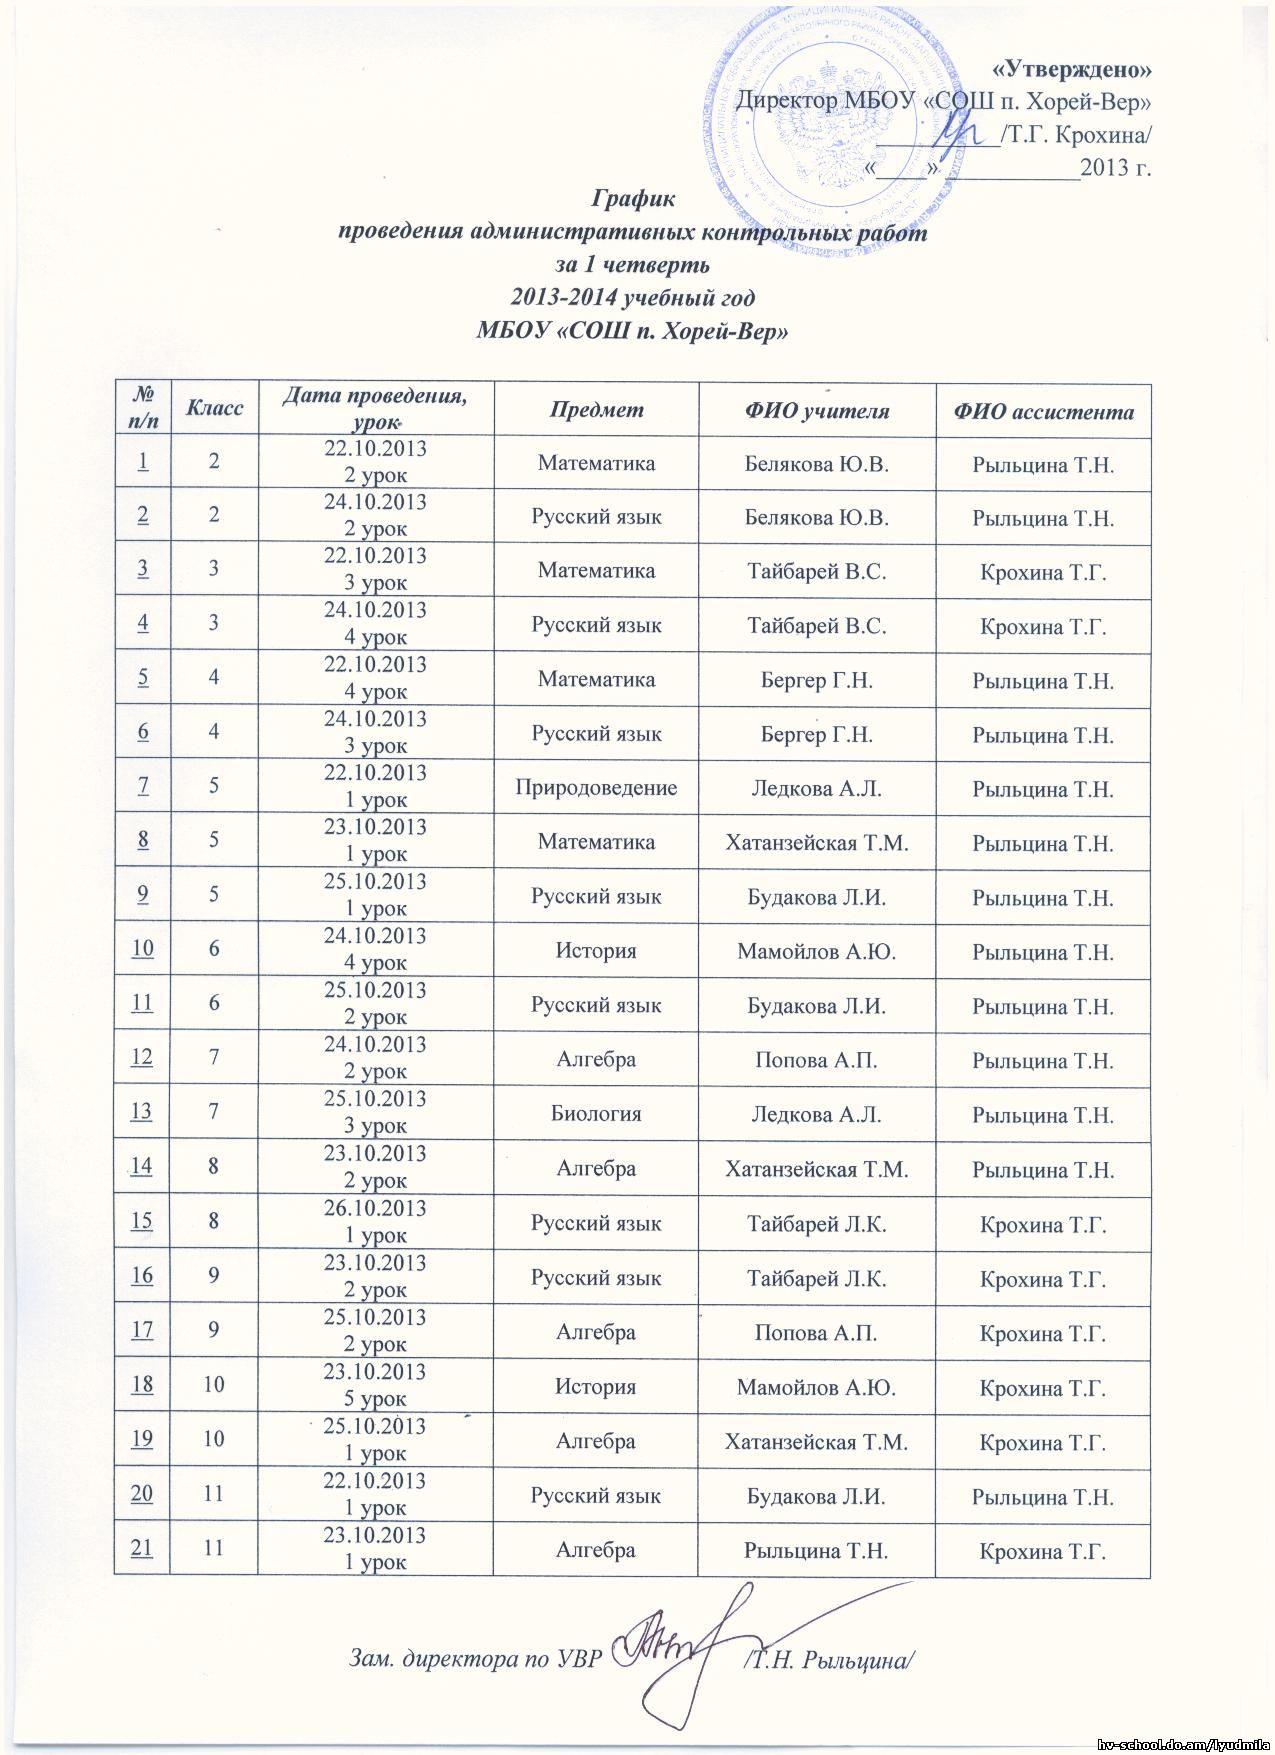 МБОУ СОШ п Хорей Вер Главная страница С 22 по 26 октября 2013 году в школе будут проводиться административные контрольные работы по итогам 1 четверти 2013 2014 учебного года